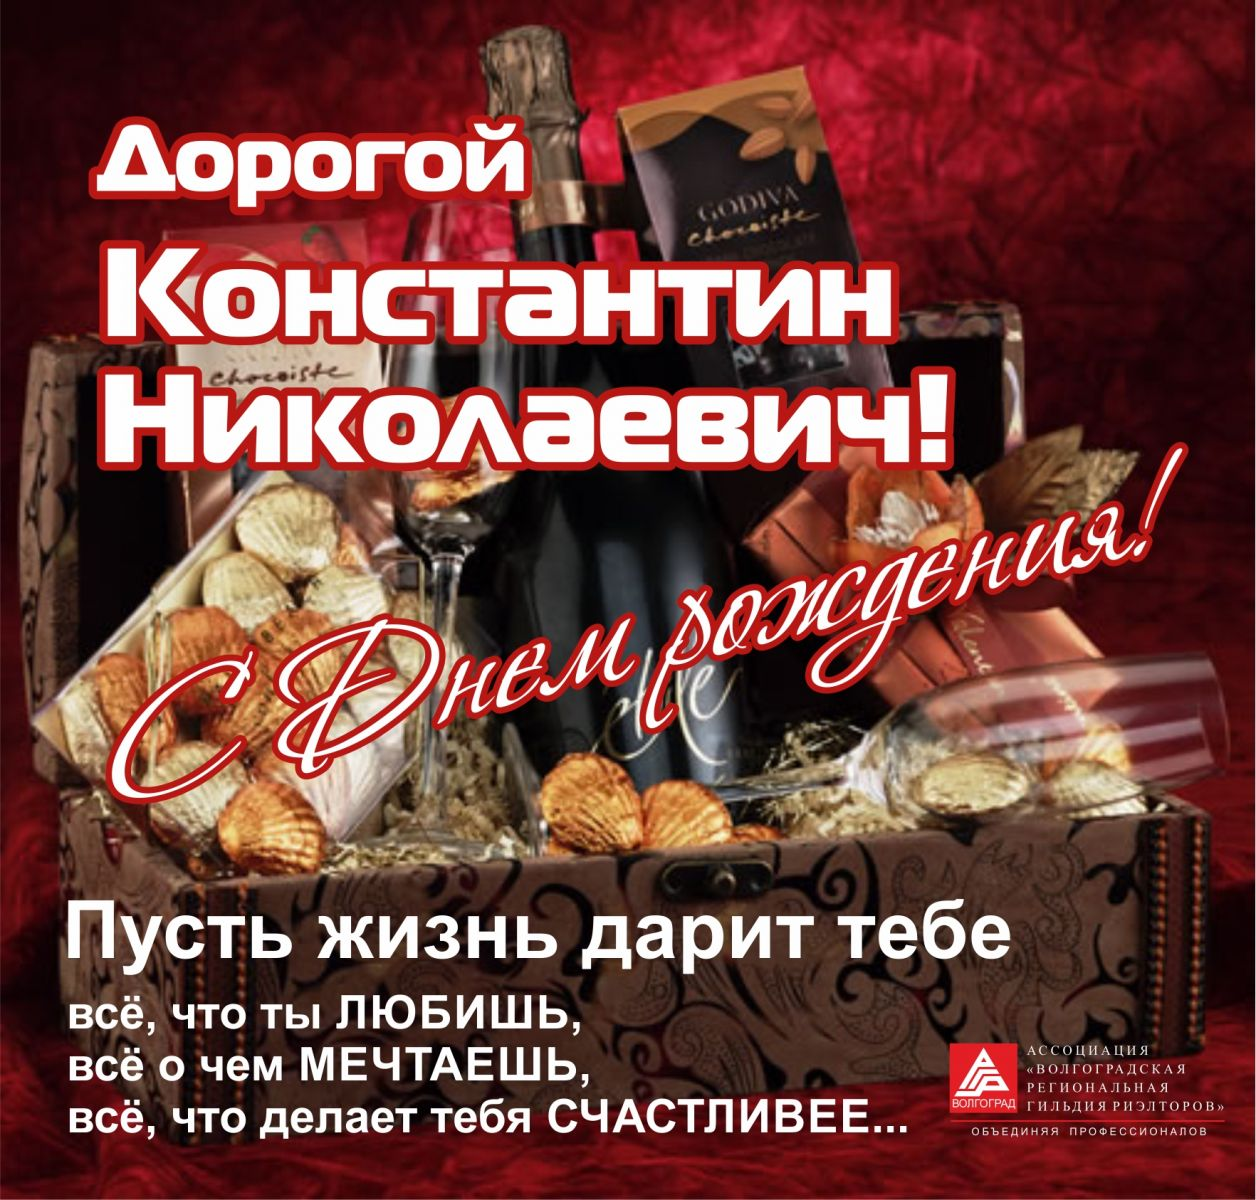 Открытки с днем рождения константин николаевич, черноморском флоте черные